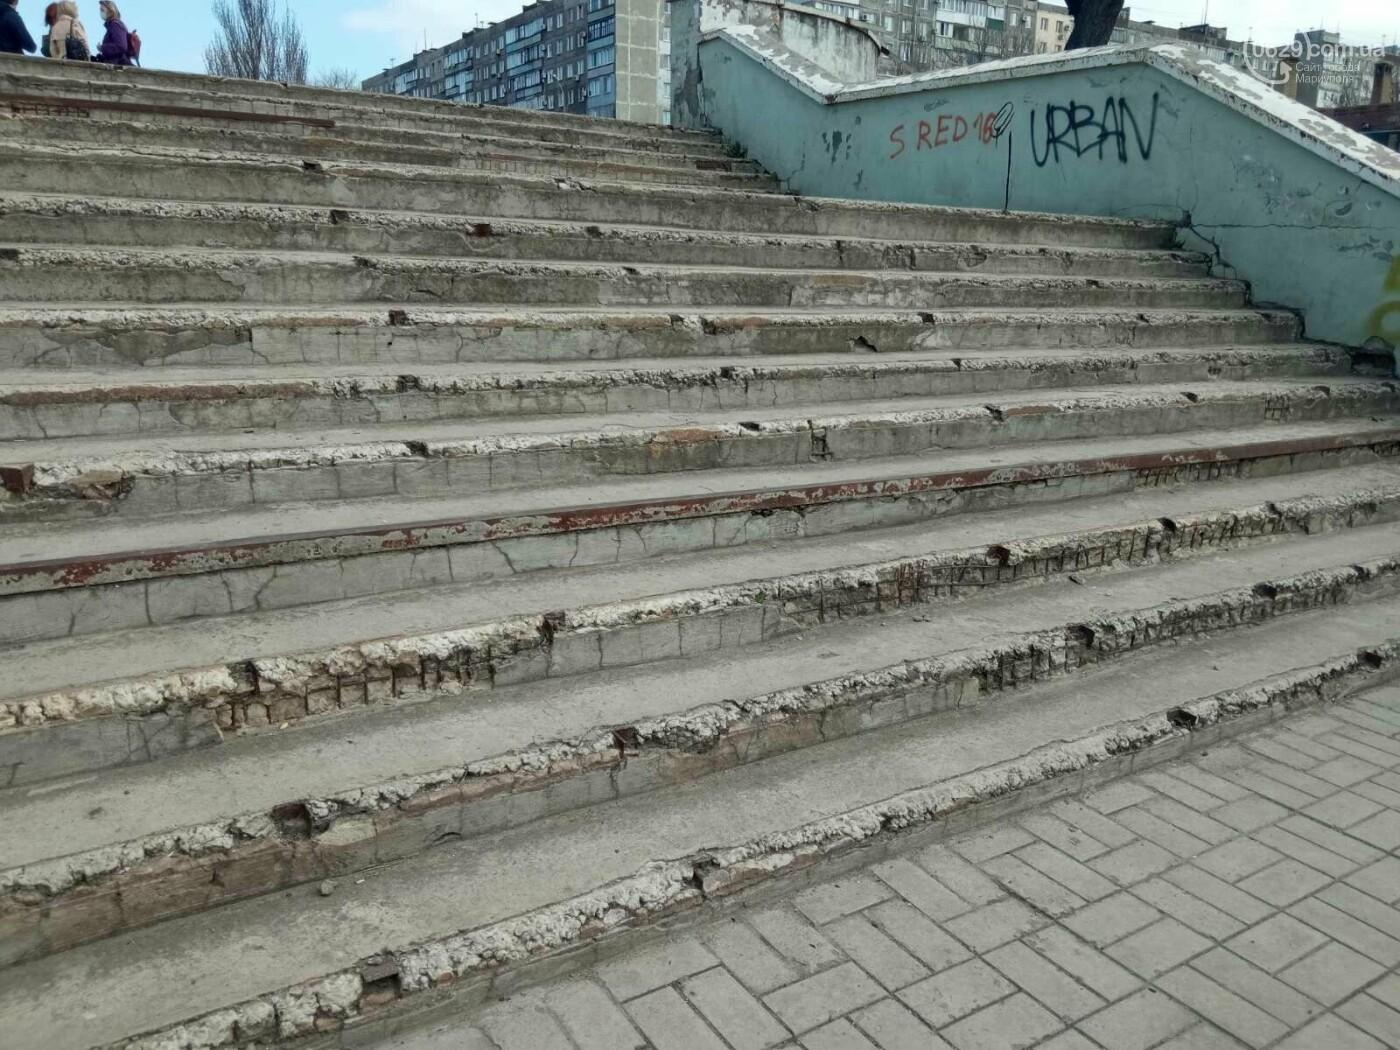 Глобальная реконструкция. В Мариуполе ремонтируют спуск к морю, - ФОТОРЕПОРТАЖ, фото-6